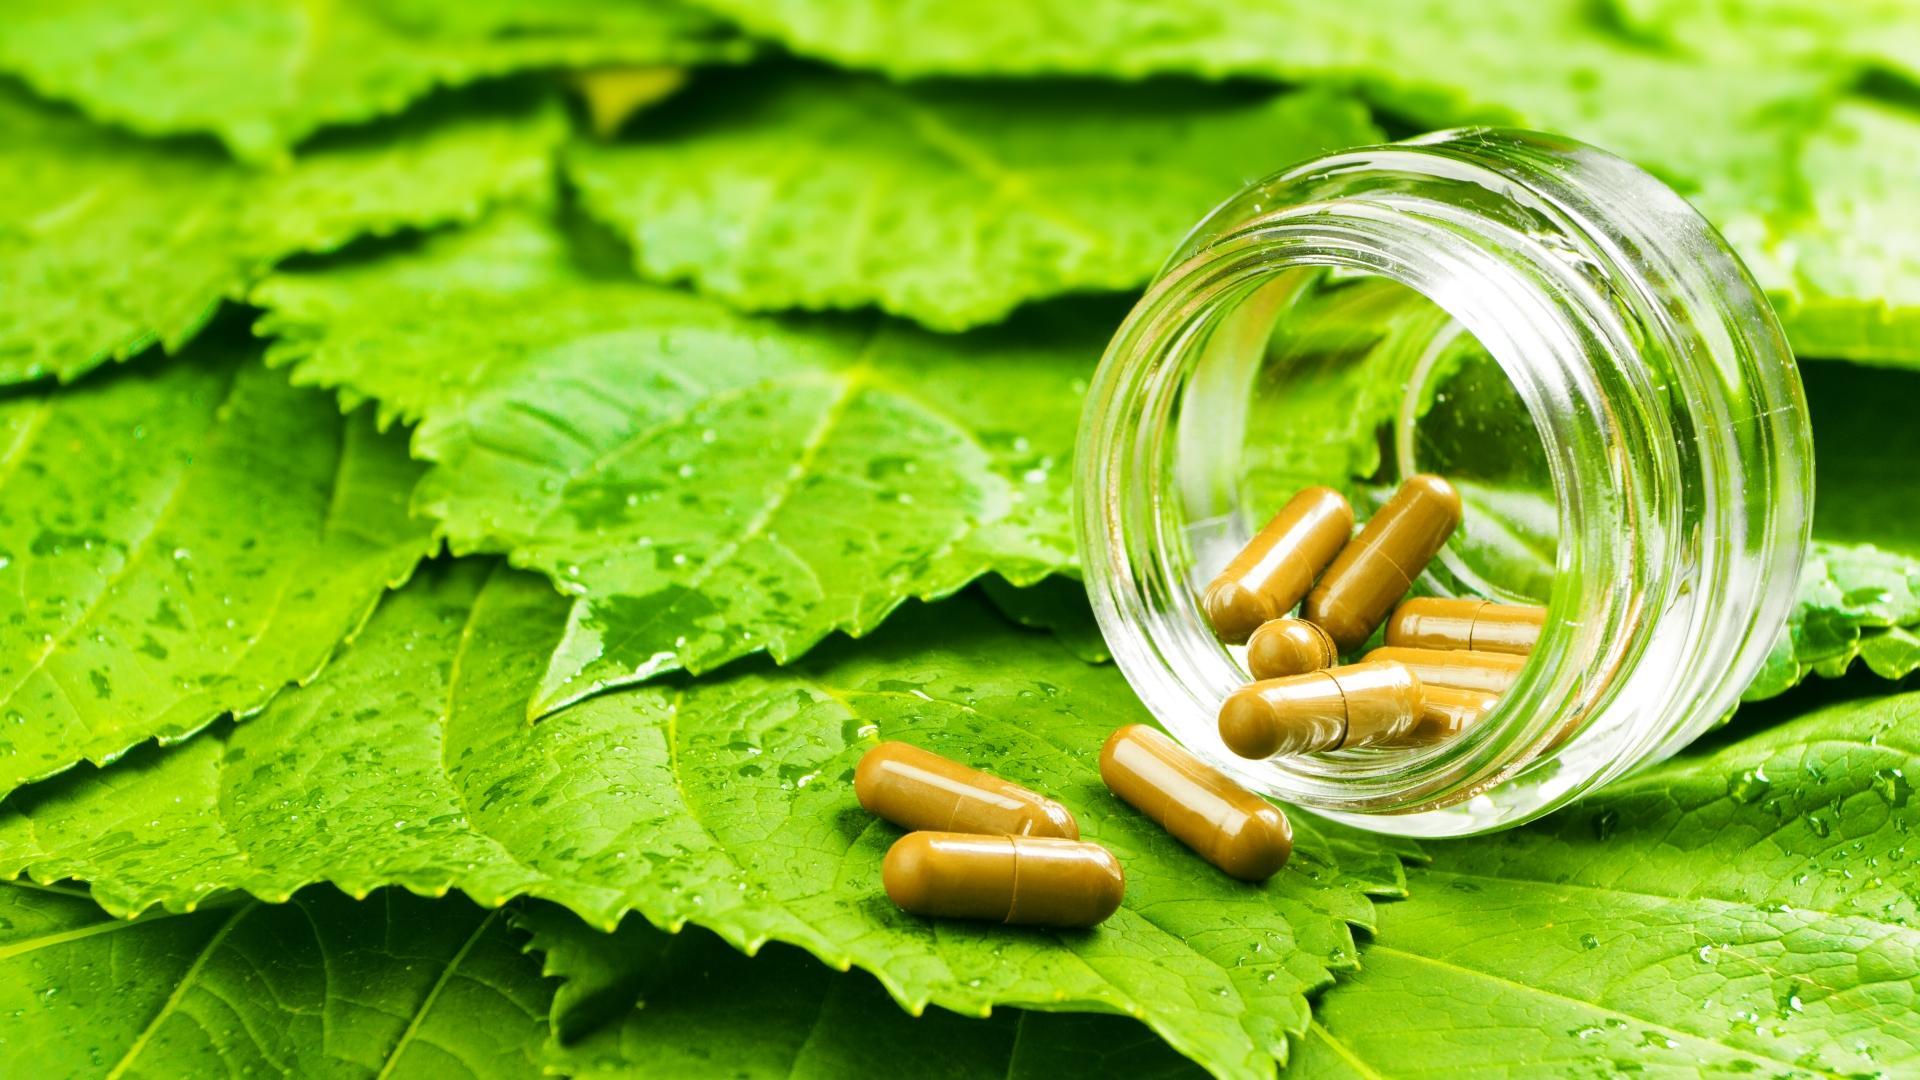 Биодобавки с экстрактом зеленого чая могут повреждать печень